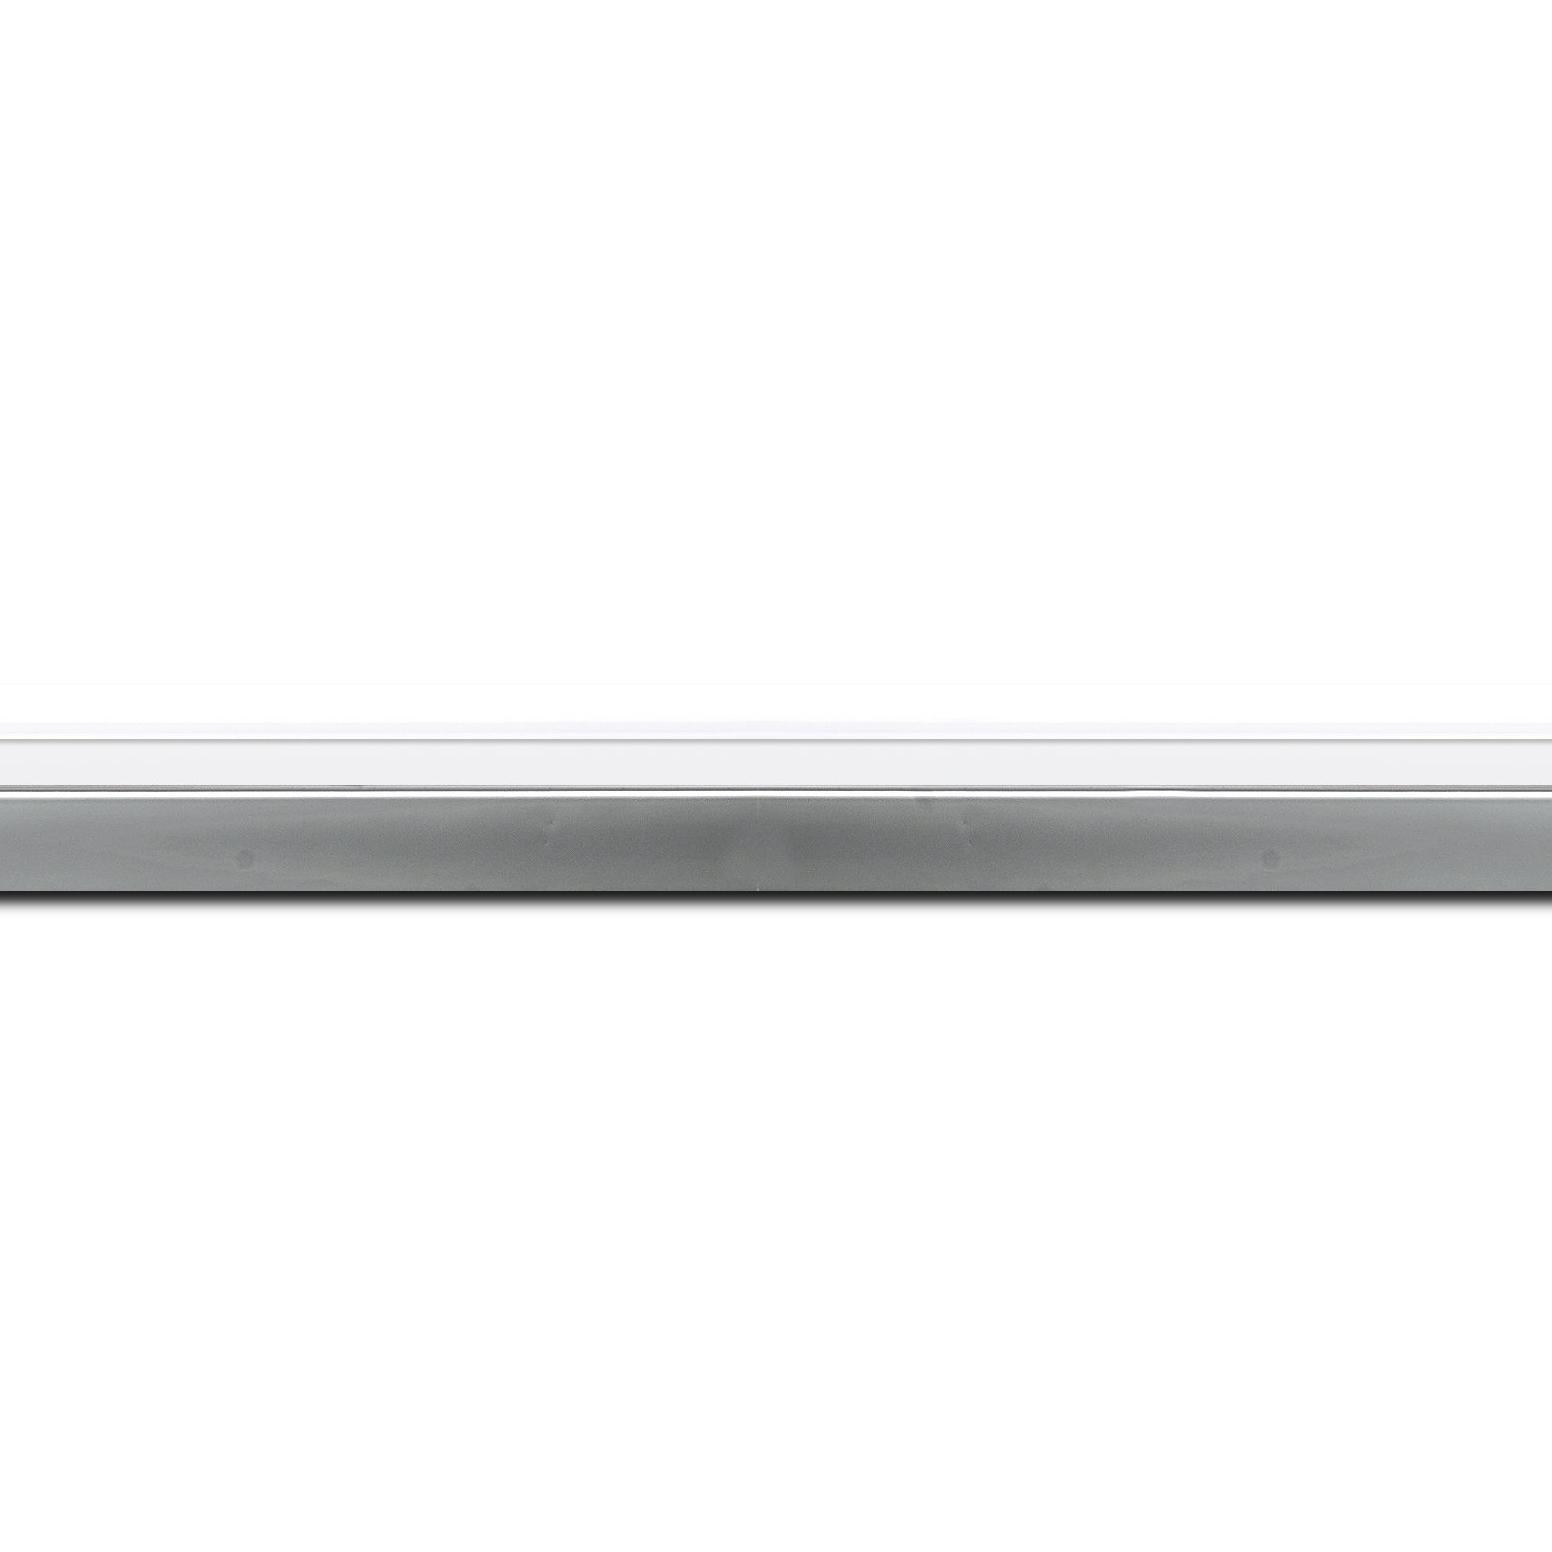 Baguette longueur 1.40m bois profil plat largeur 2.4cm  argent chromé couleur blanc extérieur